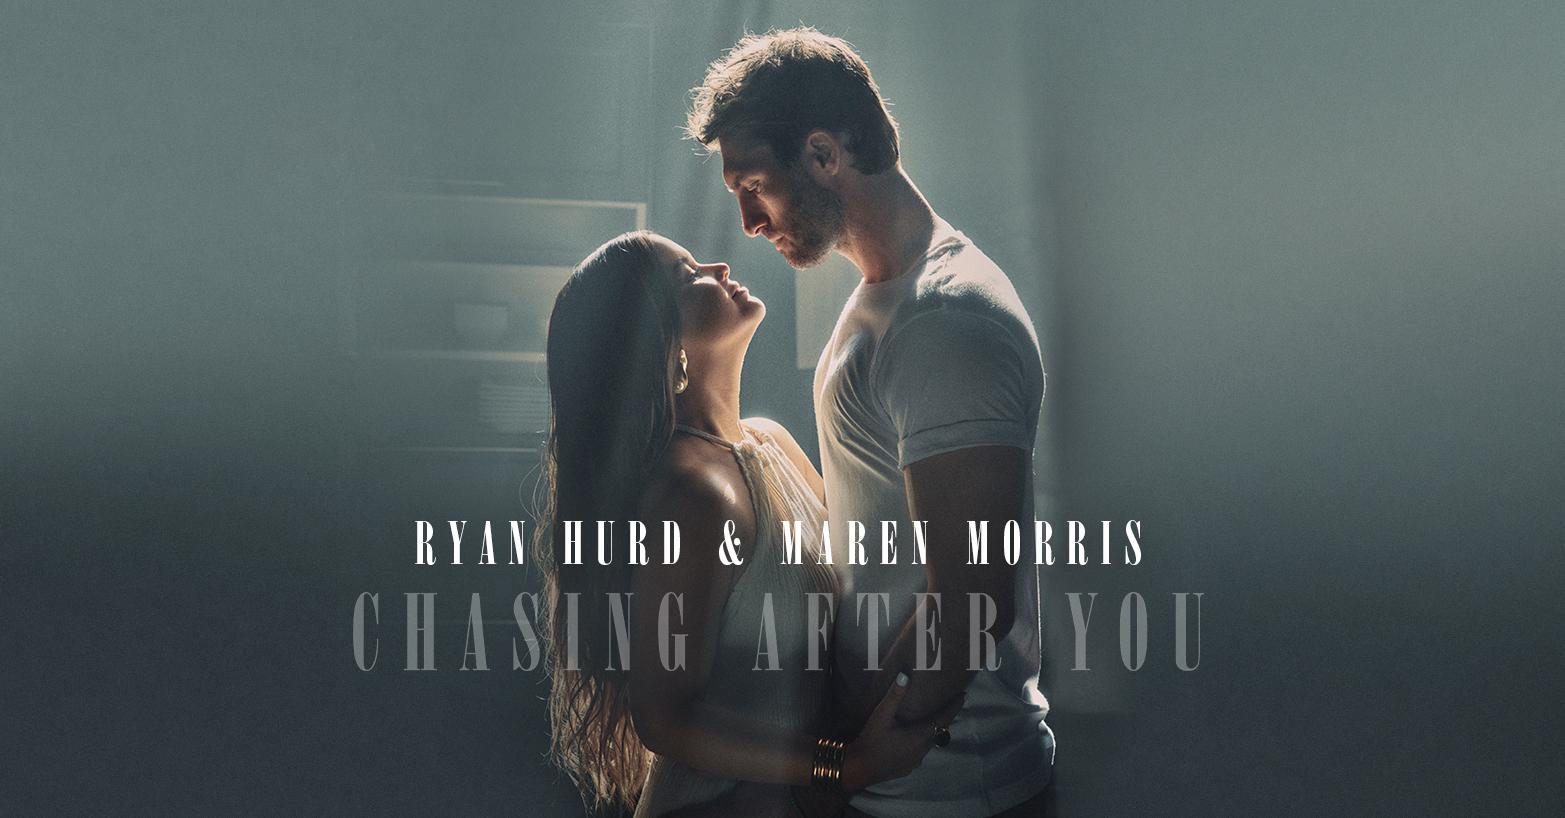 RYAN HURD & MAREN MORRIS